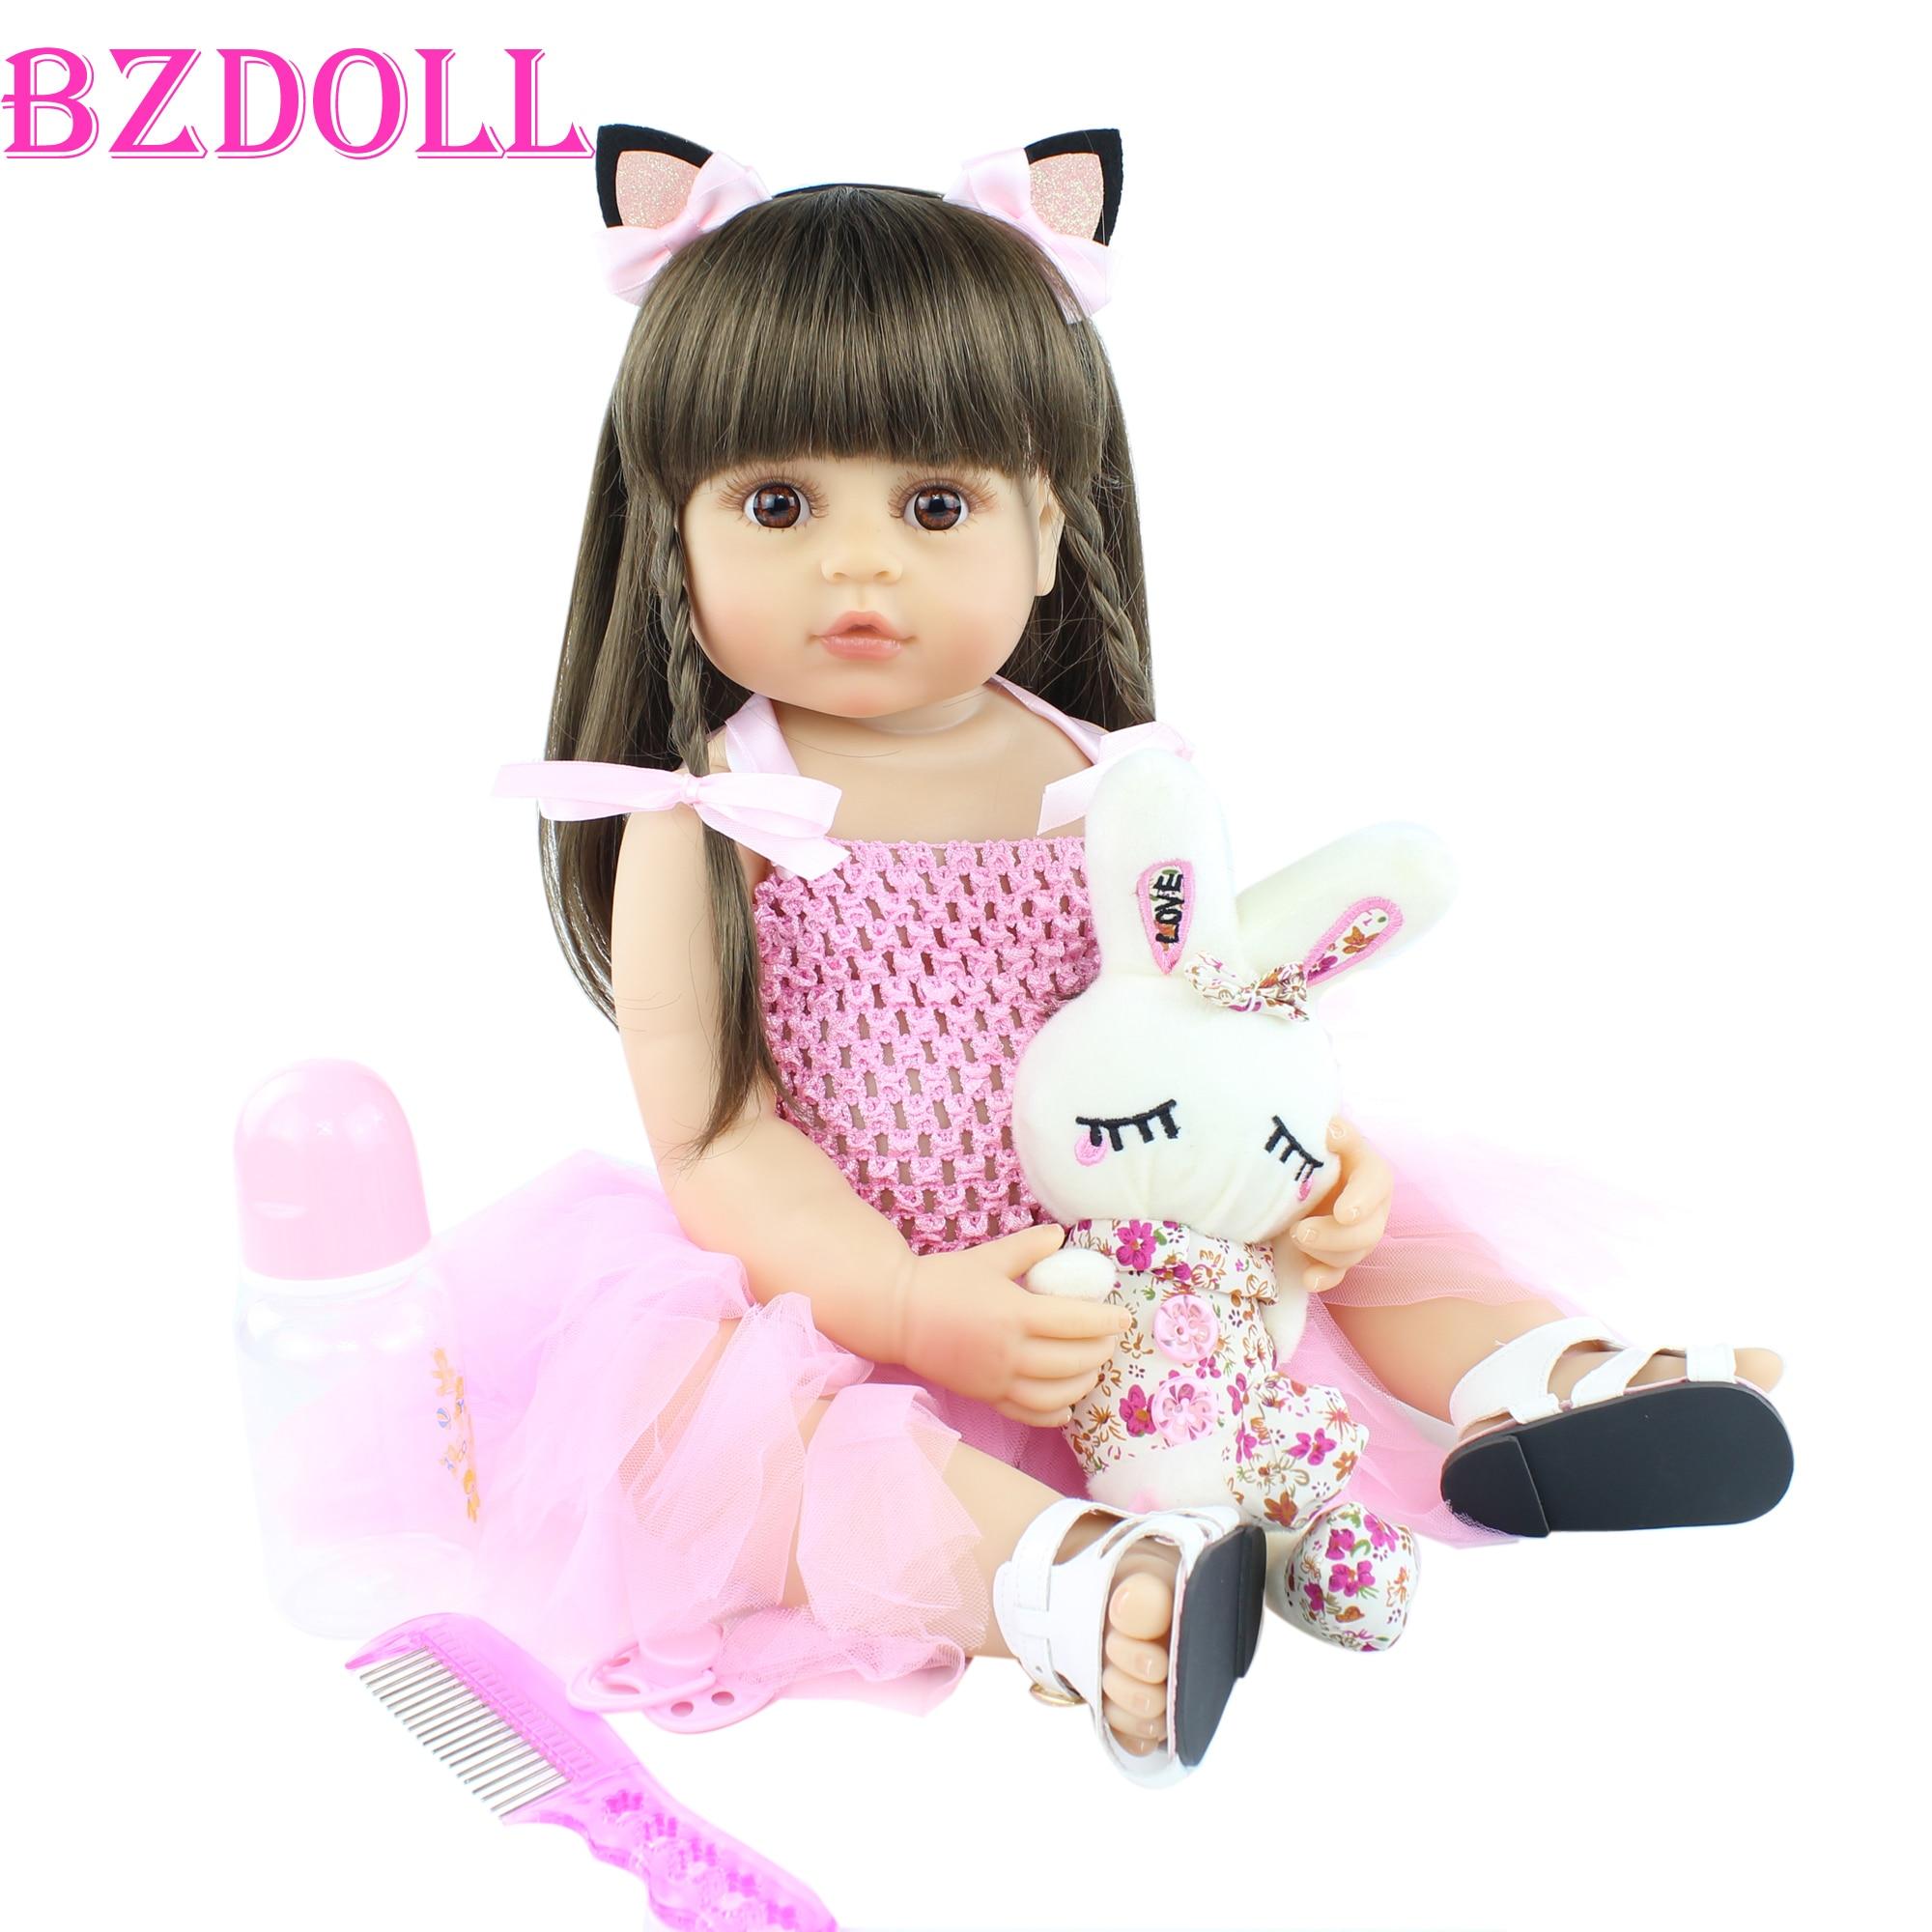 55cm lifelike bebê reborn boneca para a menina de corpo inteiro silicone macio recém nascido da criança bebe boneca presente aniversário do miúdo popular brinquedo banho